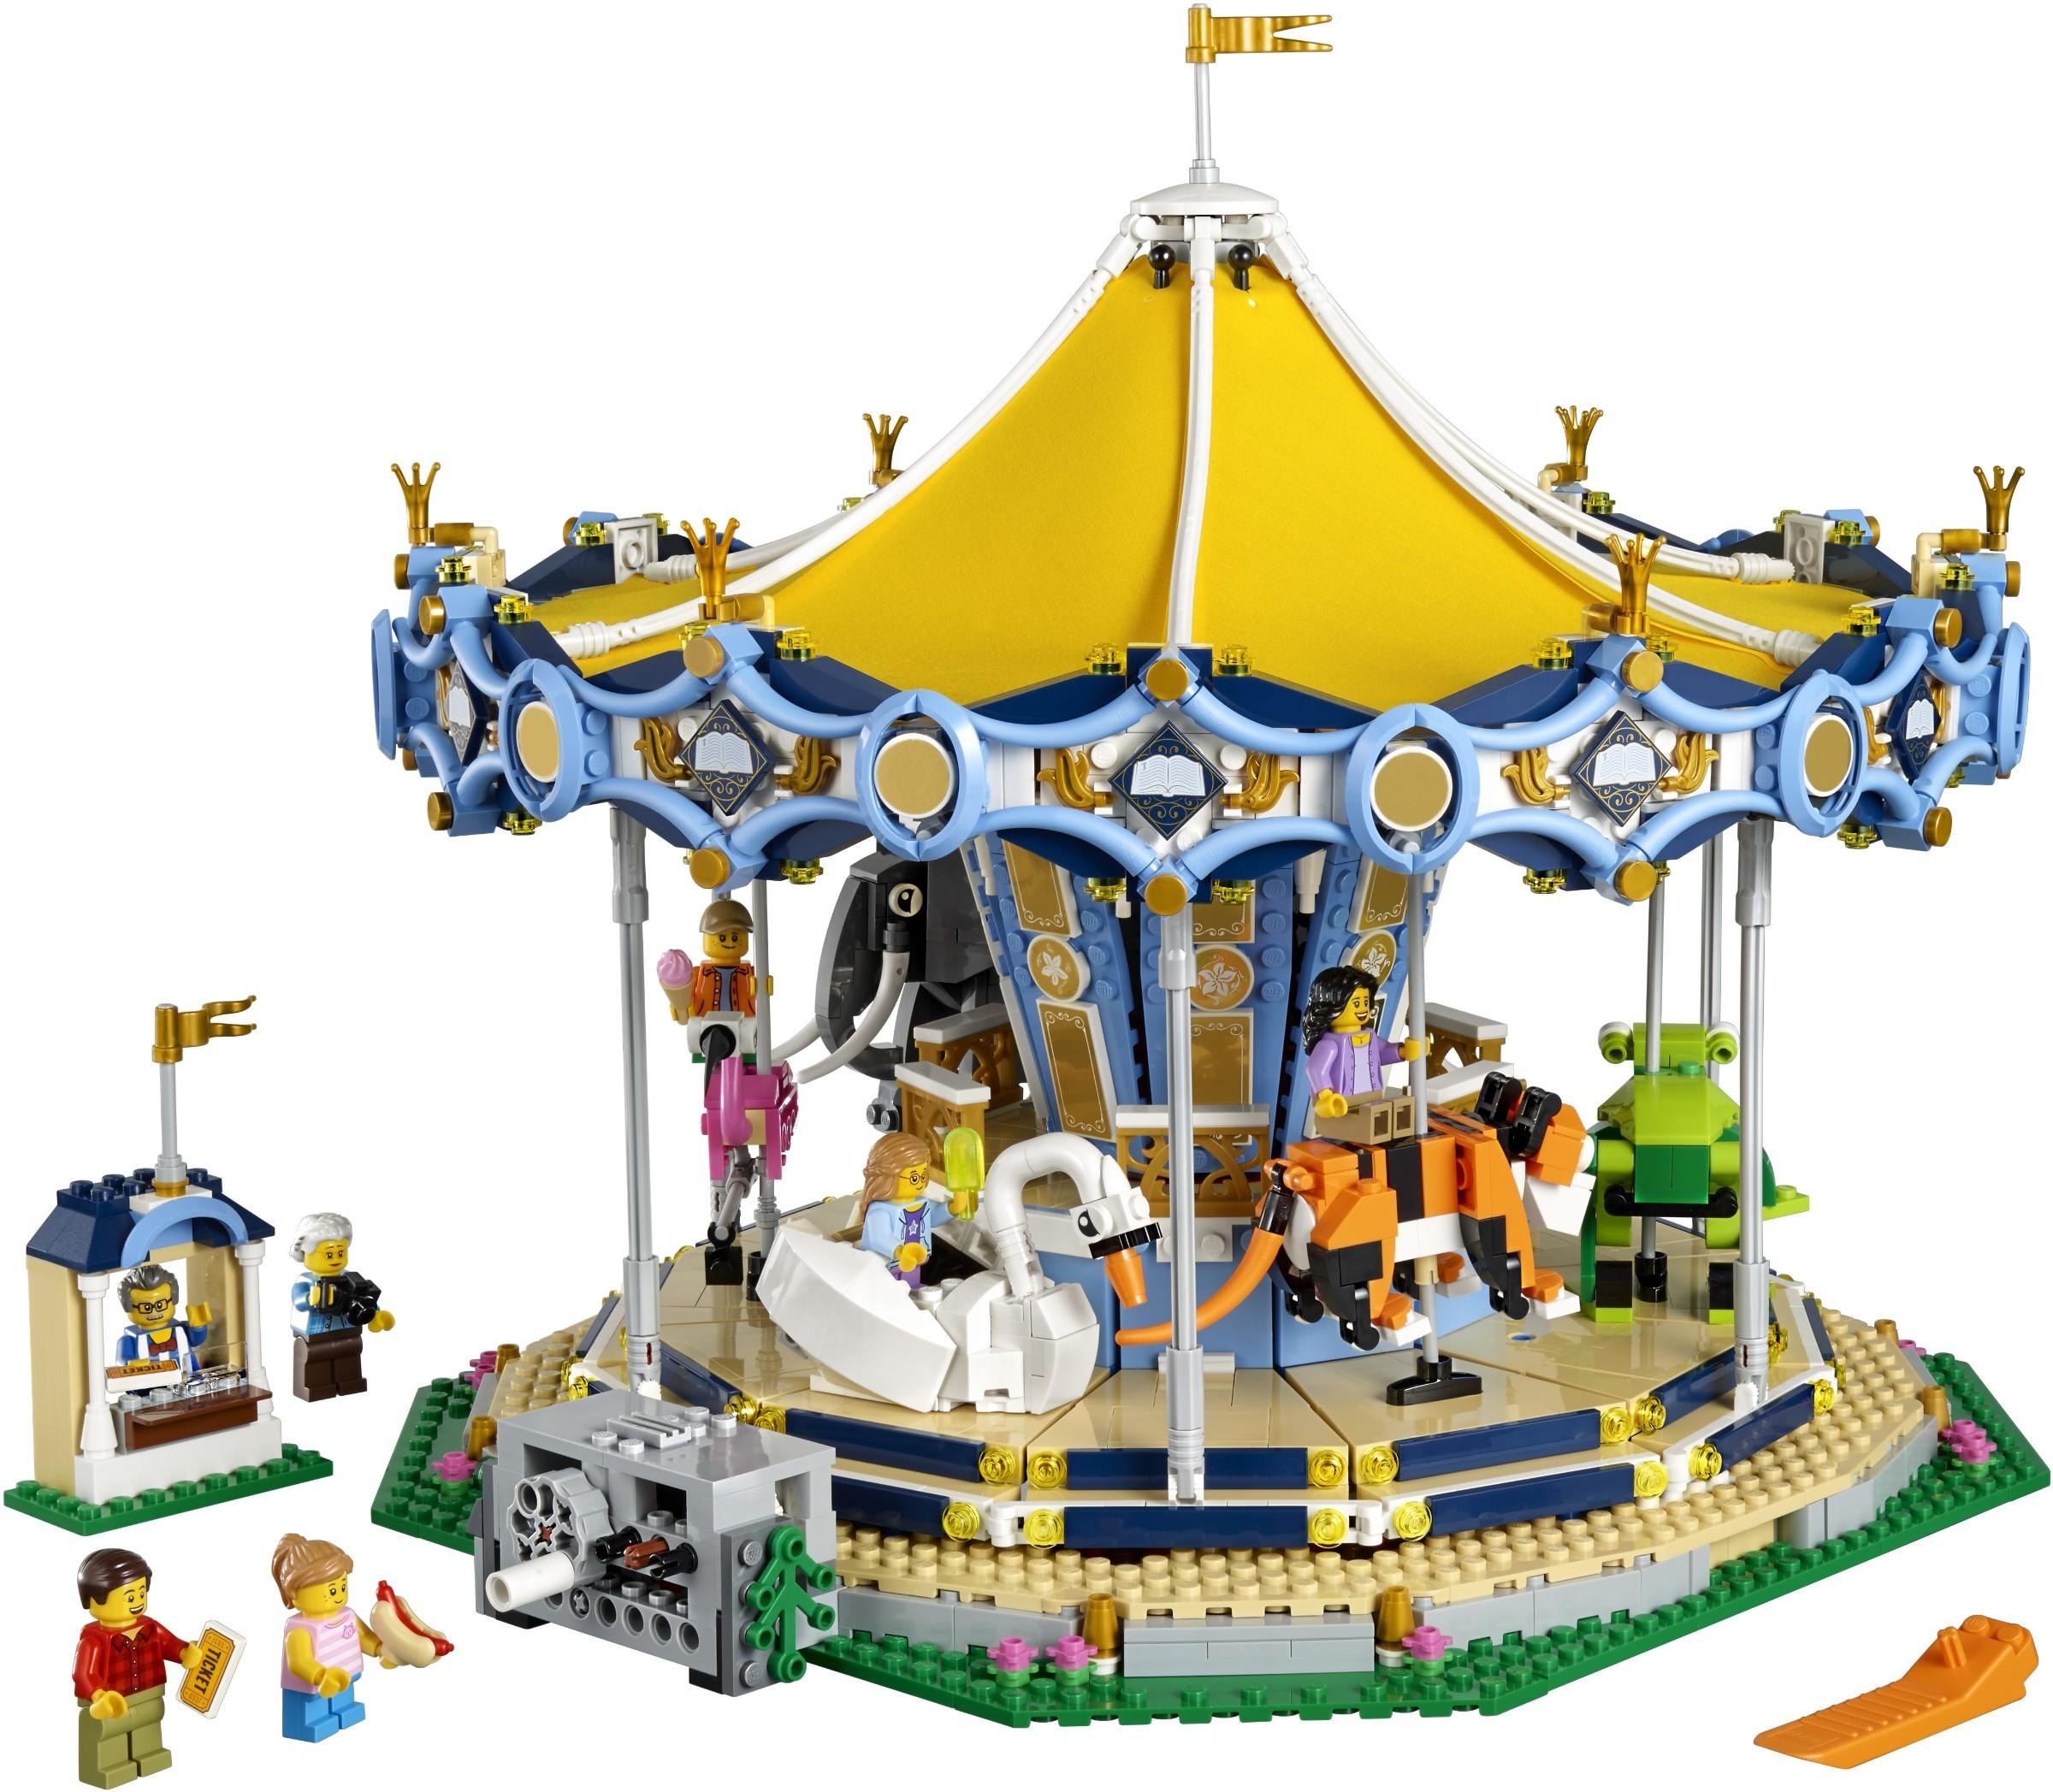 10257 Creator Carousel